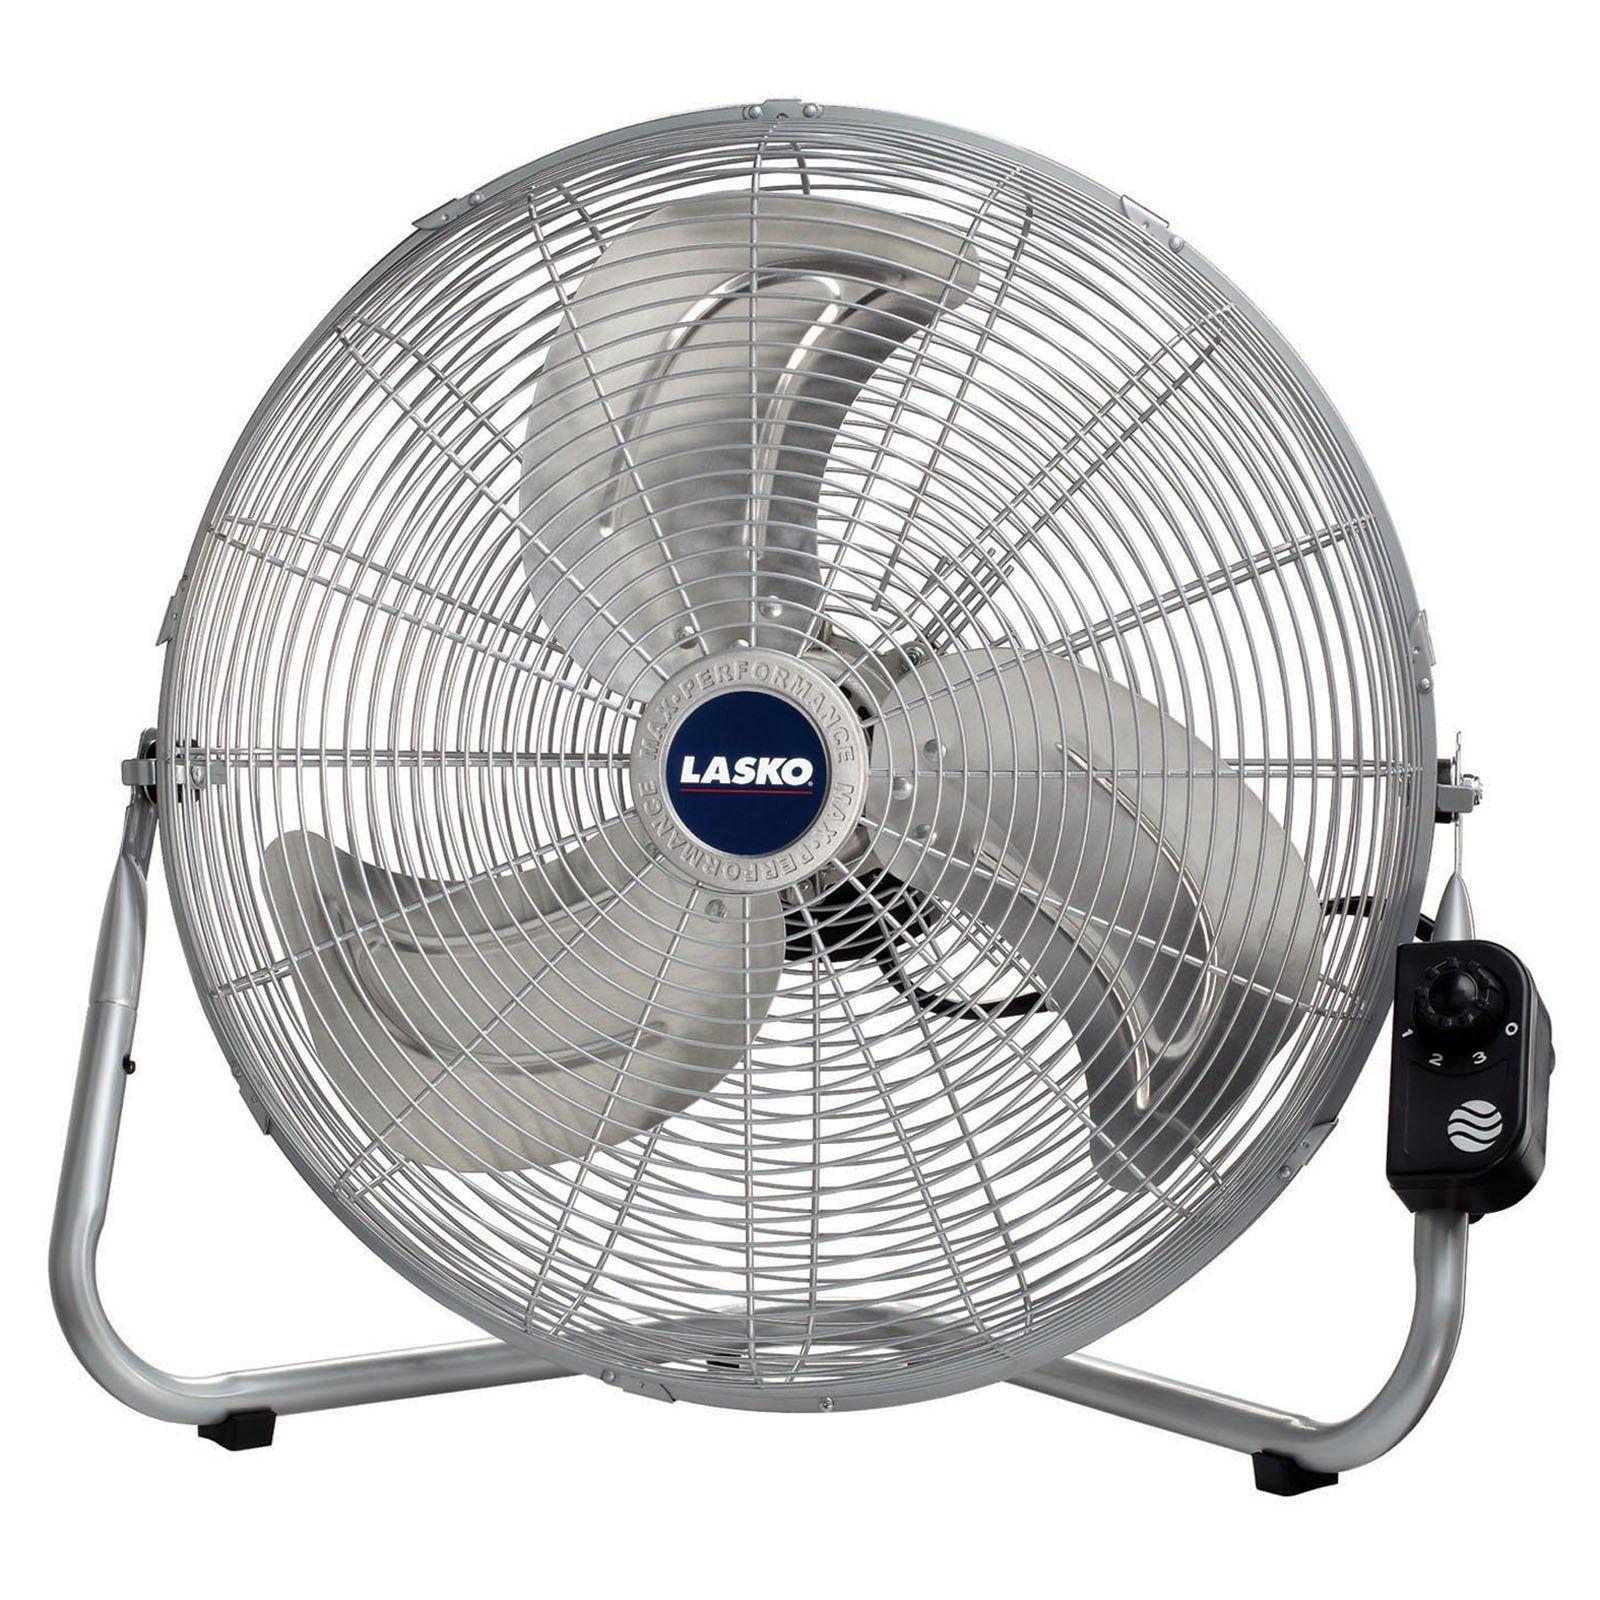 Lasko 20 In Floor Fan Silver High Velocity Fan